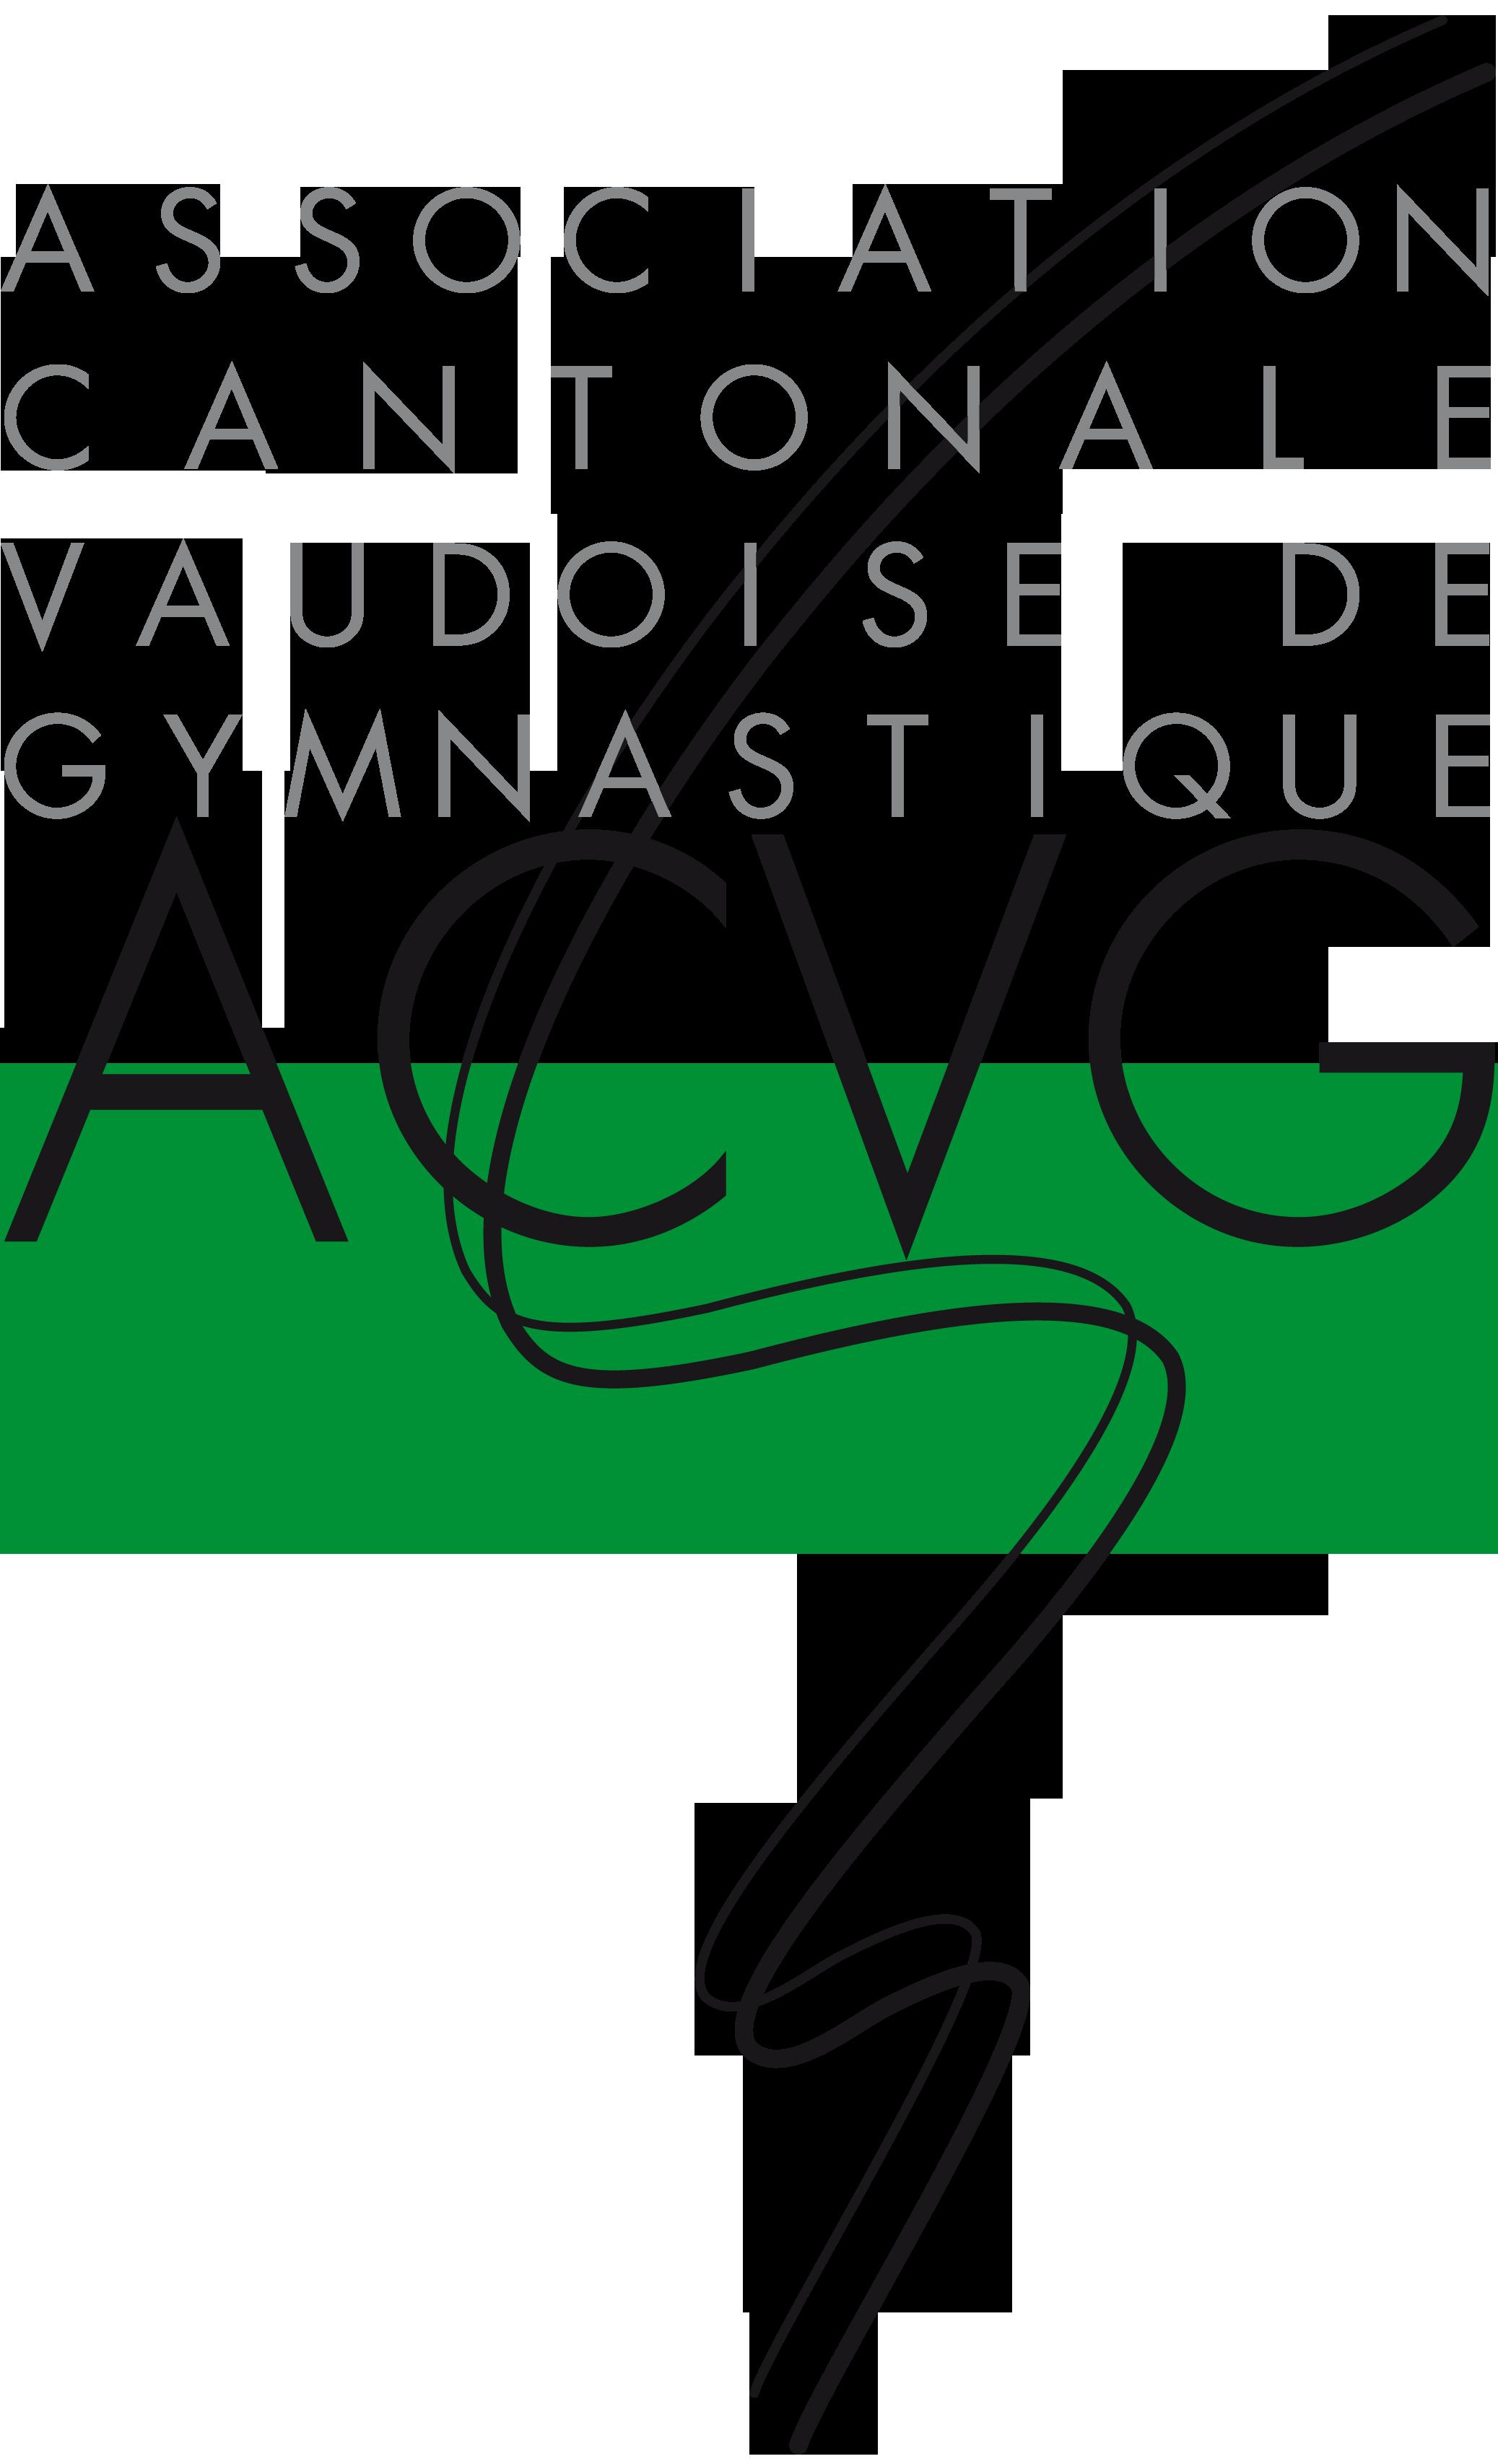 Association Cantonale Vaudoise de Gymnastique